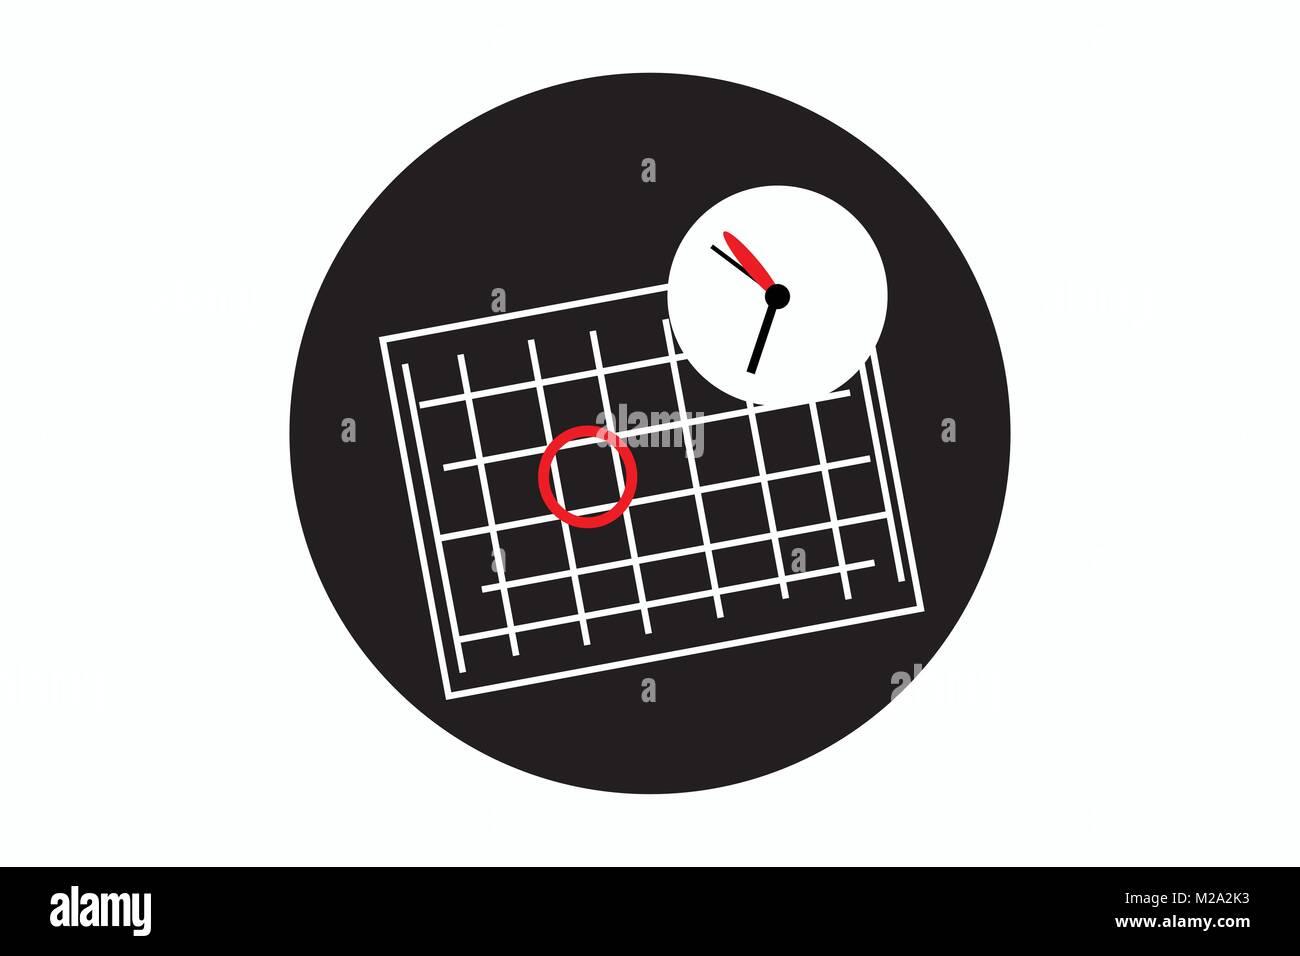 Simbolo Calendario.Icona Data Icona Del Calendario Appuntamenti Icona